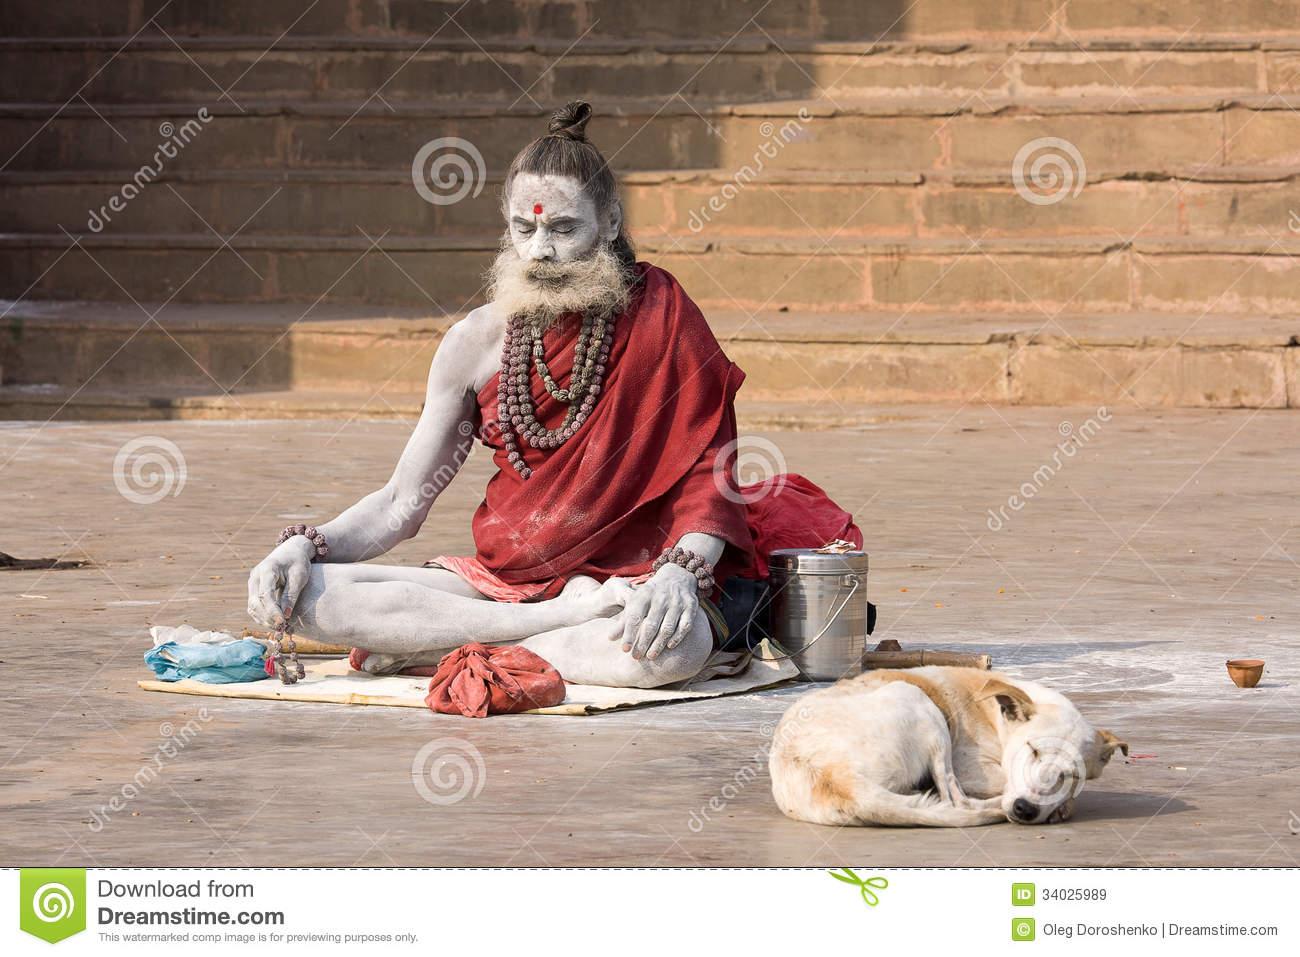 varanasi-india-december-unidentified-sadhu-sits-ghat-along-ganges-december-tourism-has-drawn-34025989.jpg